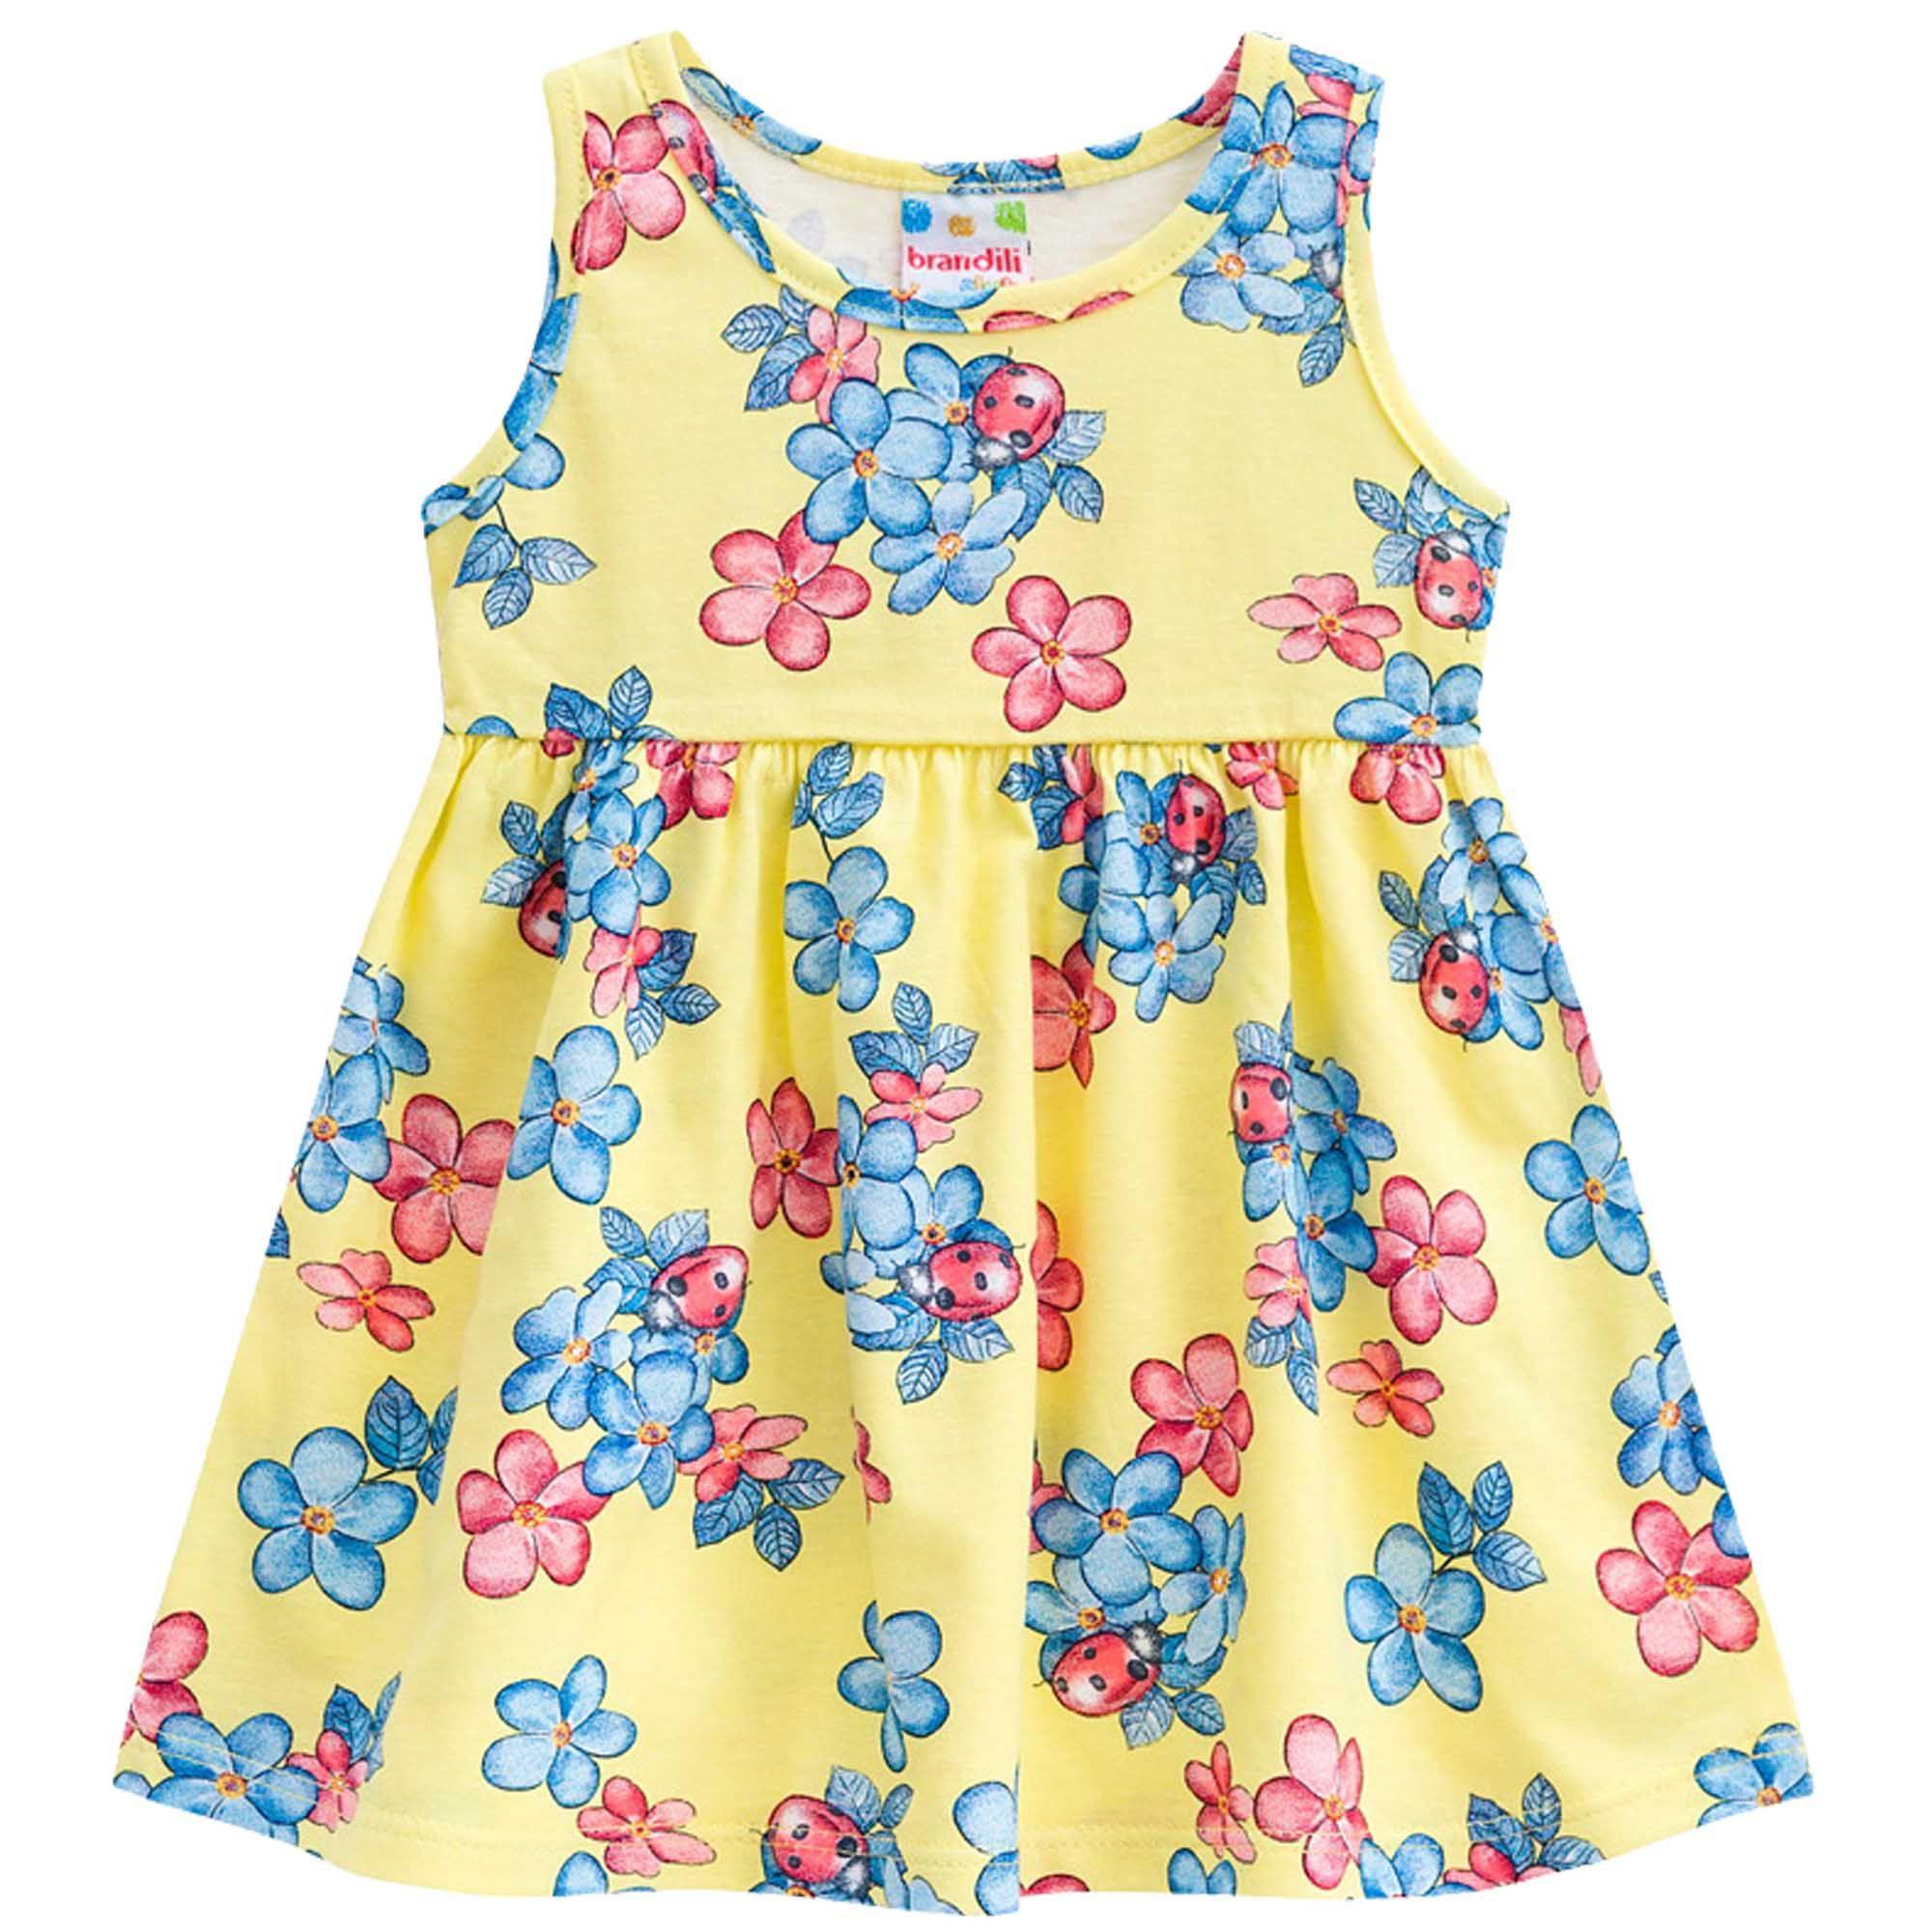 Vestido Verão Brandili Club Estampa Floral - P ao G